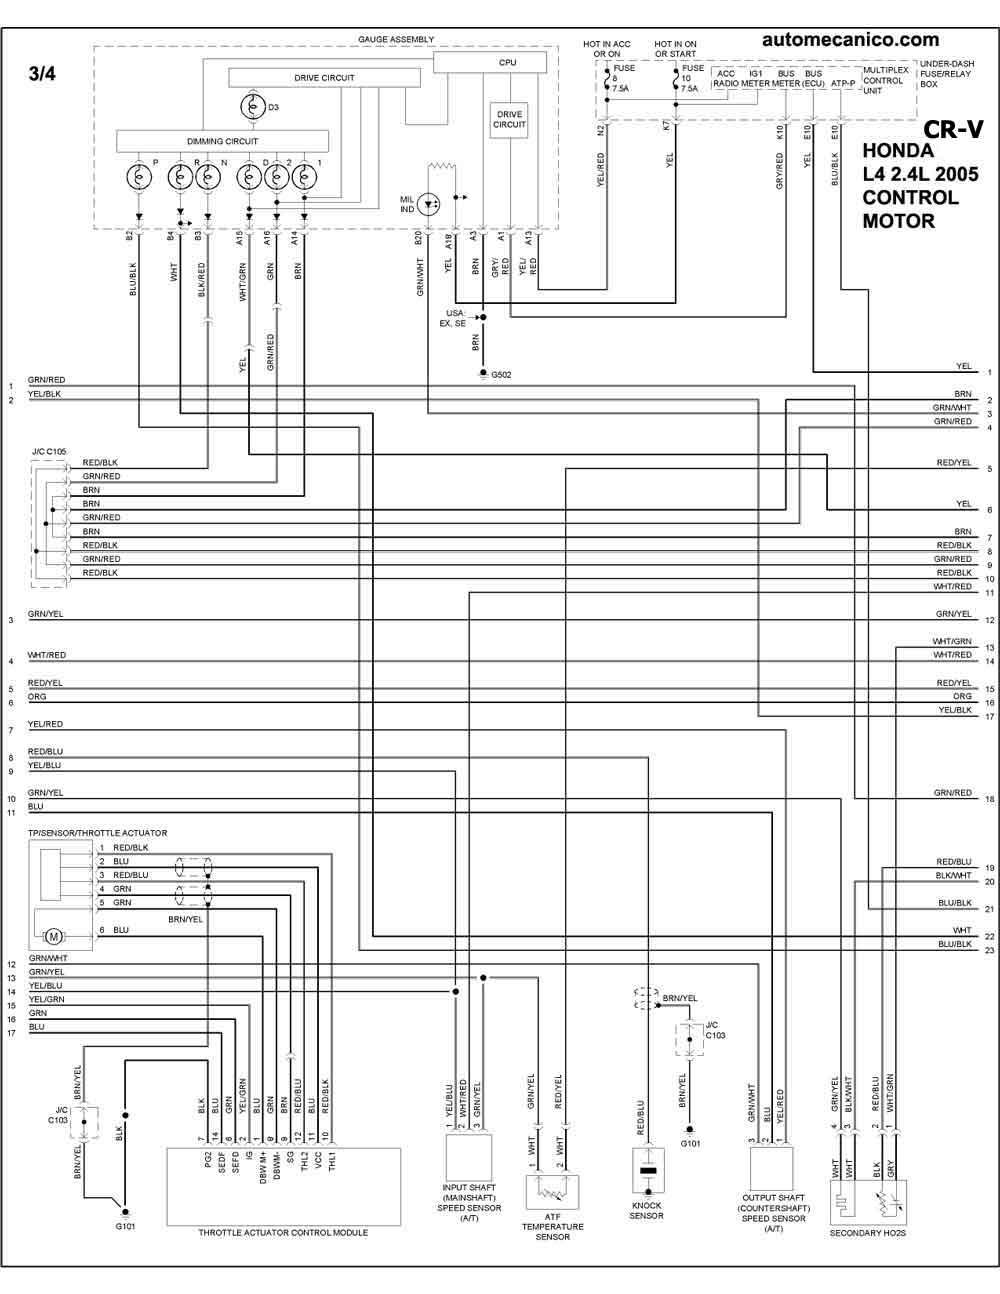 honda 2005 diagramas esquemas graphics vehiculos motores rh autoelectronico com honda cr v diagrama electrico esquema electrico honda crv 2002